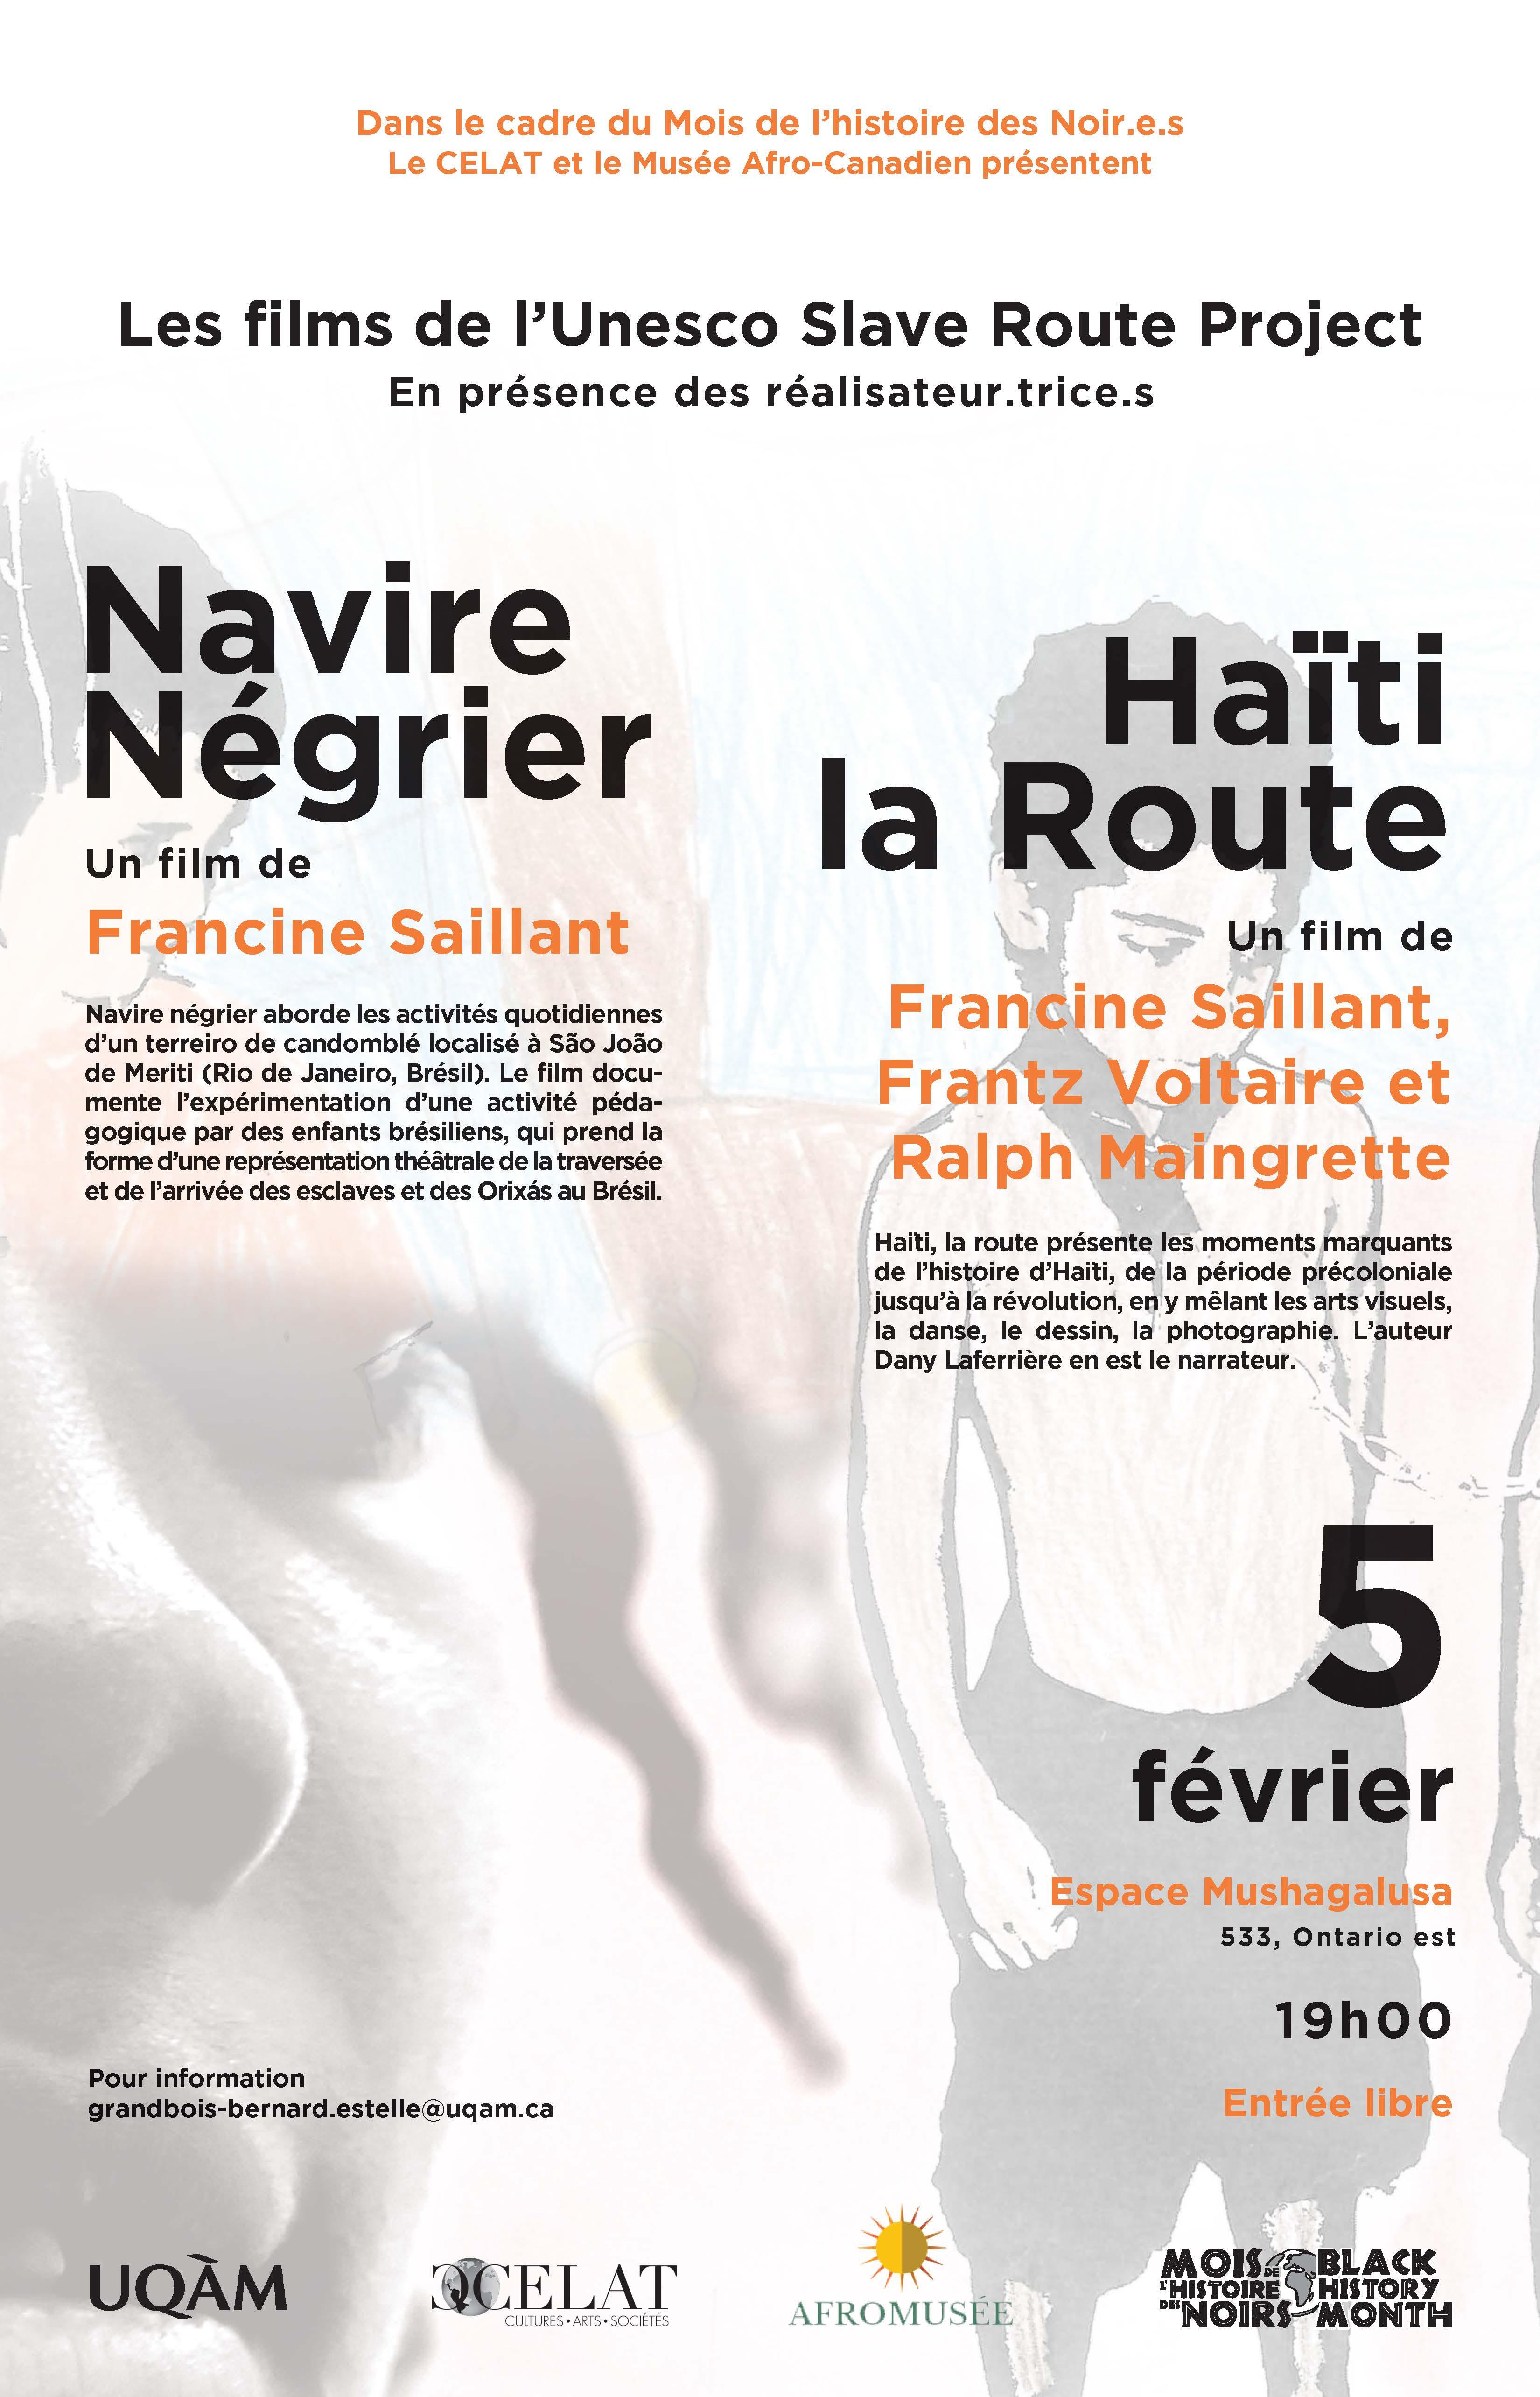 Soirée de projection des films de l'Unesco Slave Route Project - en présence des réalisateur.trice.s